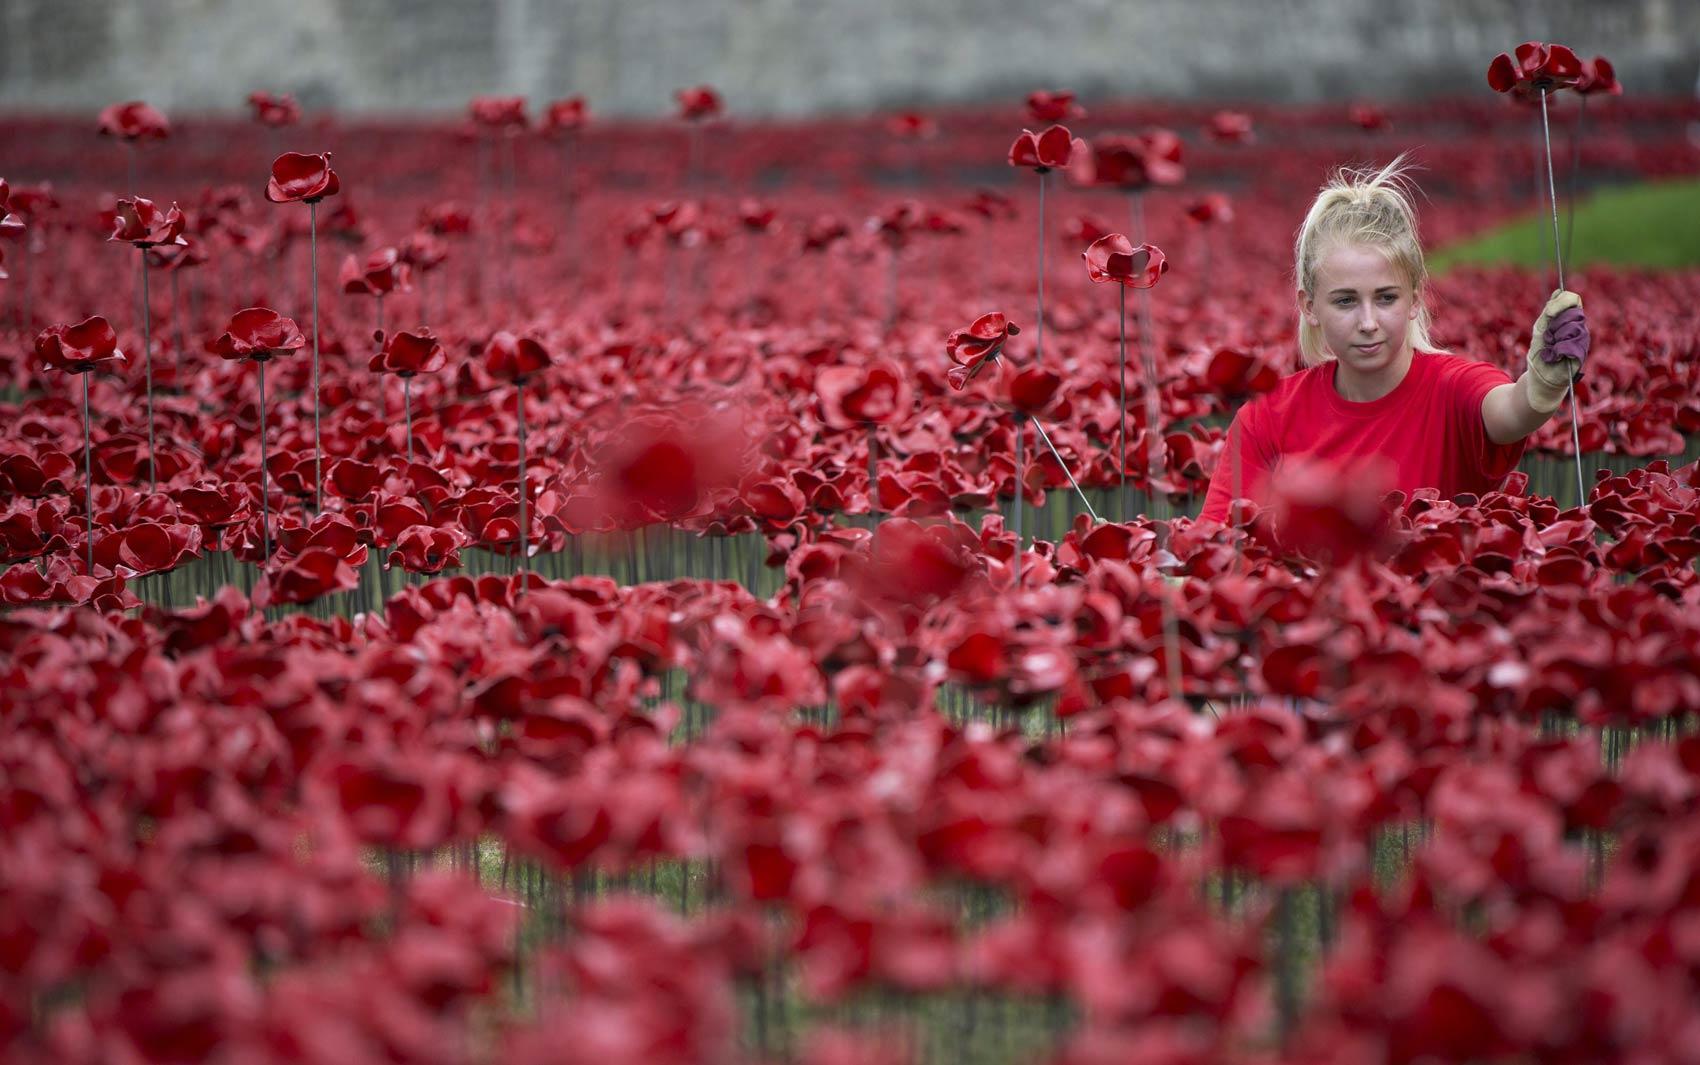 Voluntária posa com uma papoula vermelha de cerâmica enquanto trabalha na instalação 'Campos lavados de sangue e mares de vermelho', que marca a I Guerra Mundial ao lado da Torre de Londres. A obra terá 888.246 flores lembrando militares mortos na guera